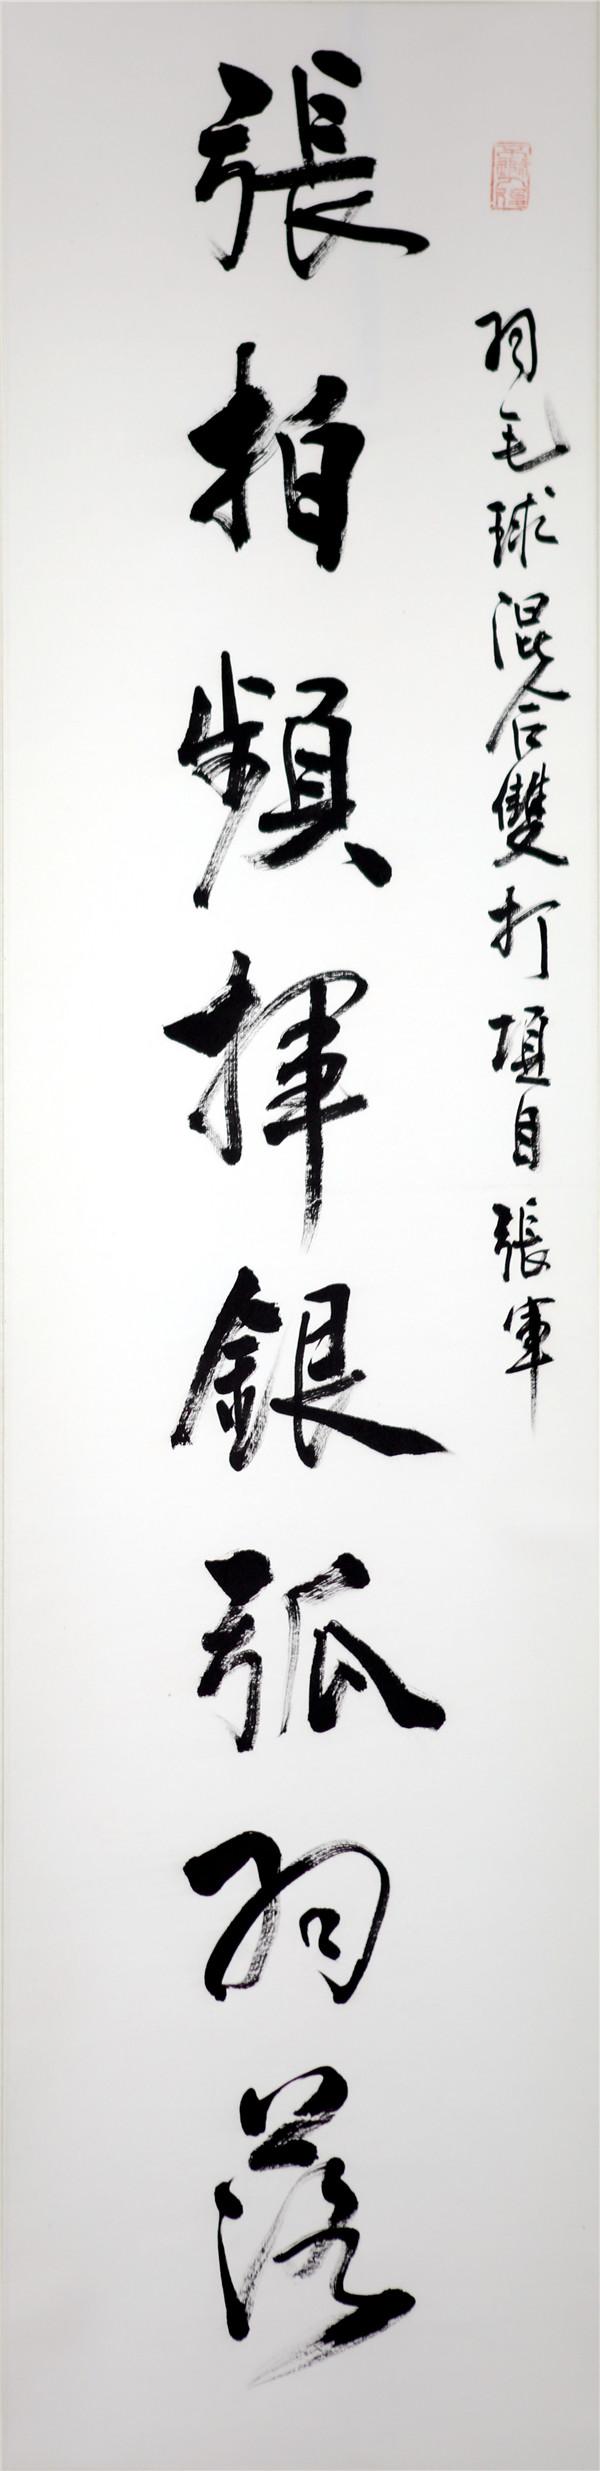 序号360,书录毛国迁为江苏奥运冠军张军嵌名联